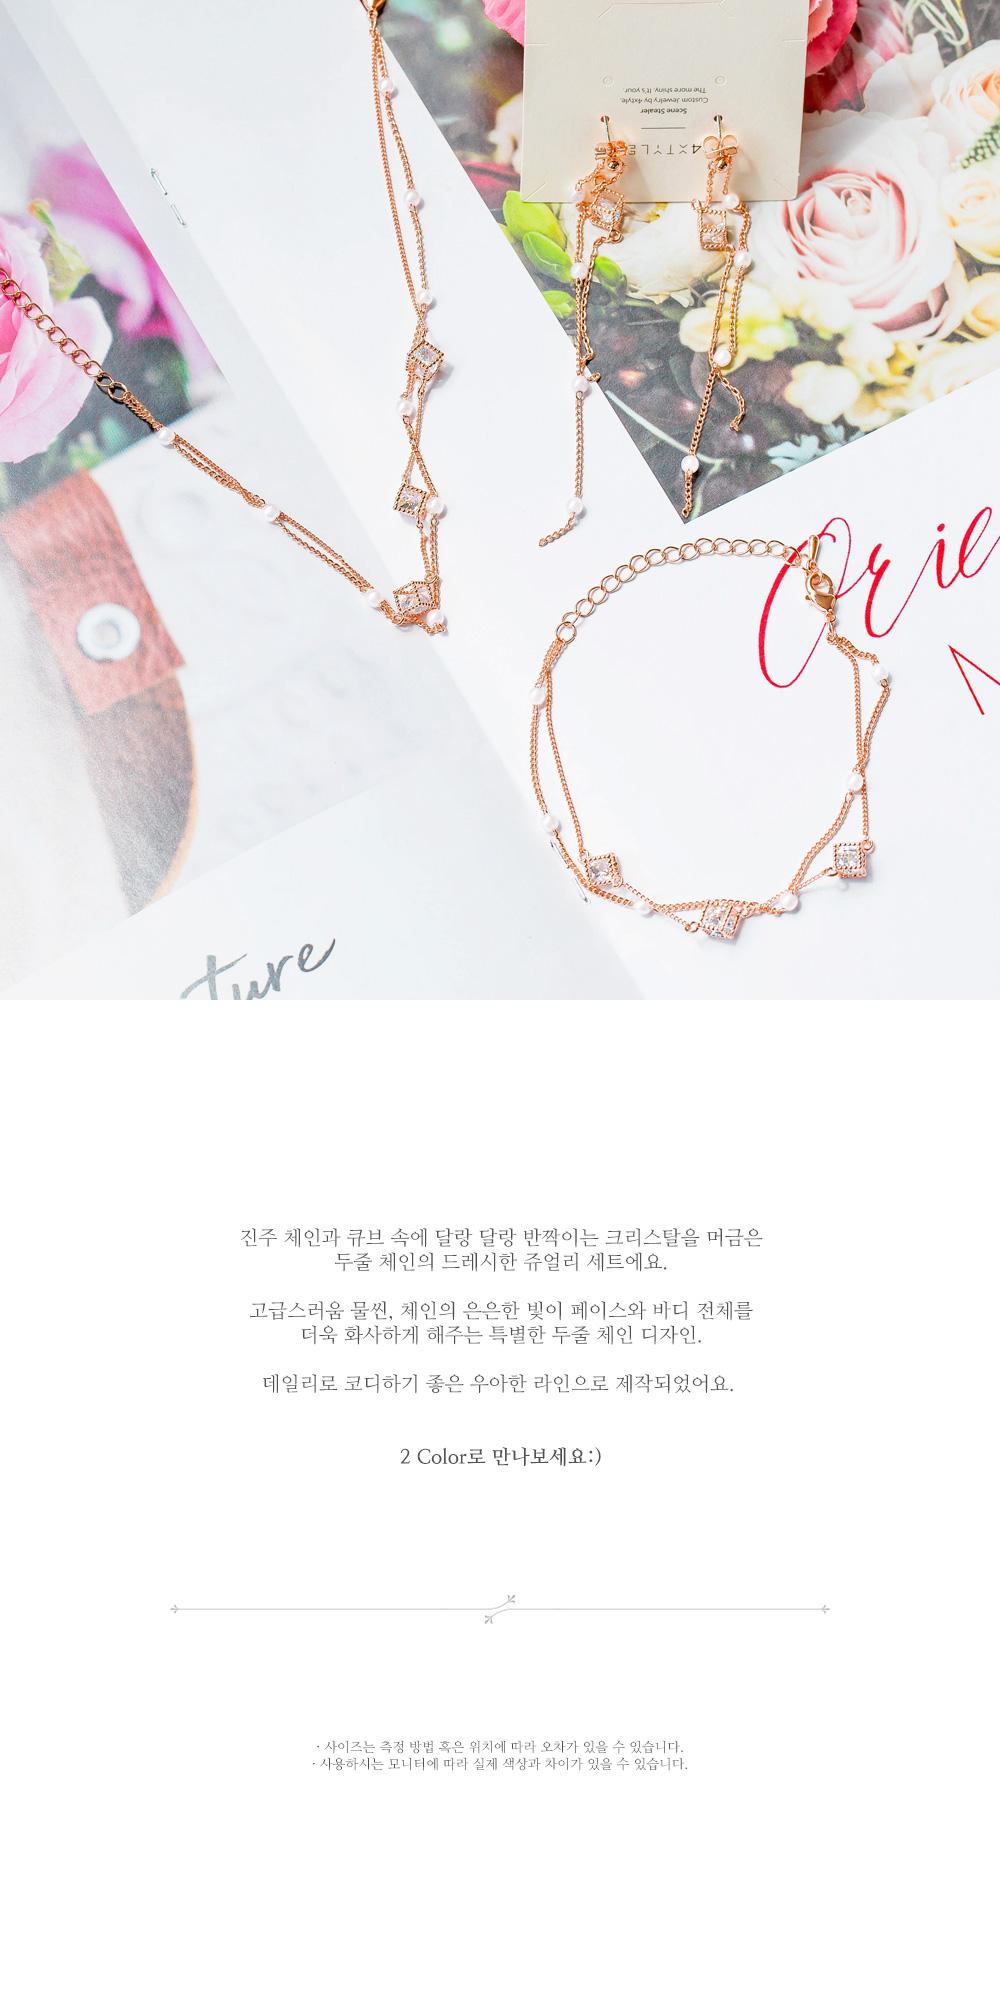 [E+B+A] 래니 진주 체인 세트 - 폭스타일, 31,000원, 주얼리세트, 패션세트